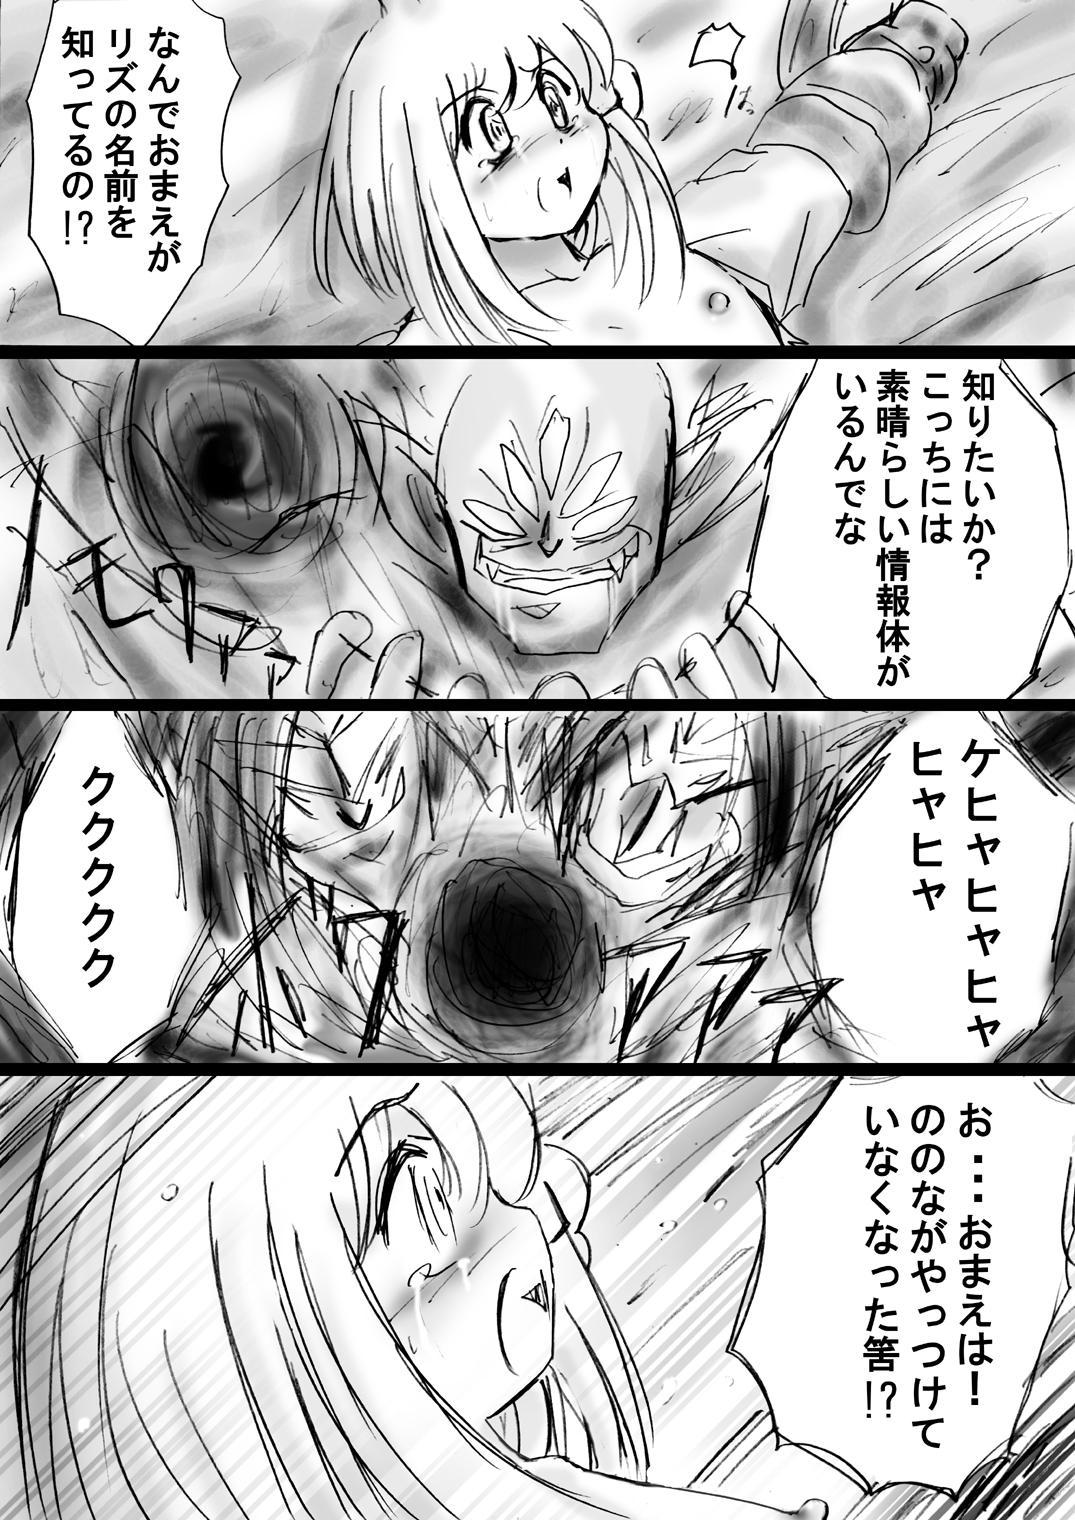 [Dende] Fushigi Sekai -Mystery World- no Nona 17 ~ Taiketsu Fujimi no Dai Inma Dakurasu, Kanzen Sekka no Kyoufu 45